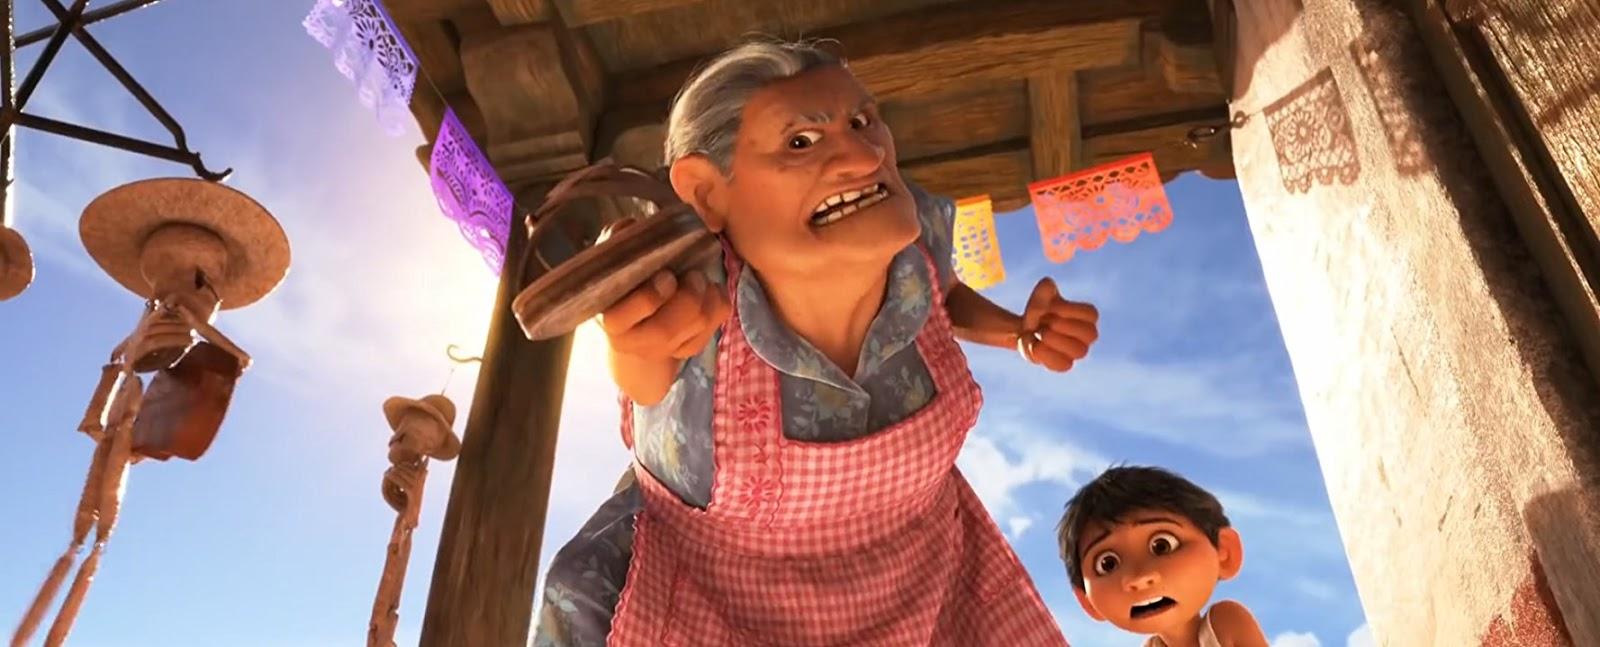 Coco tradizioni messicane e amore famigliare